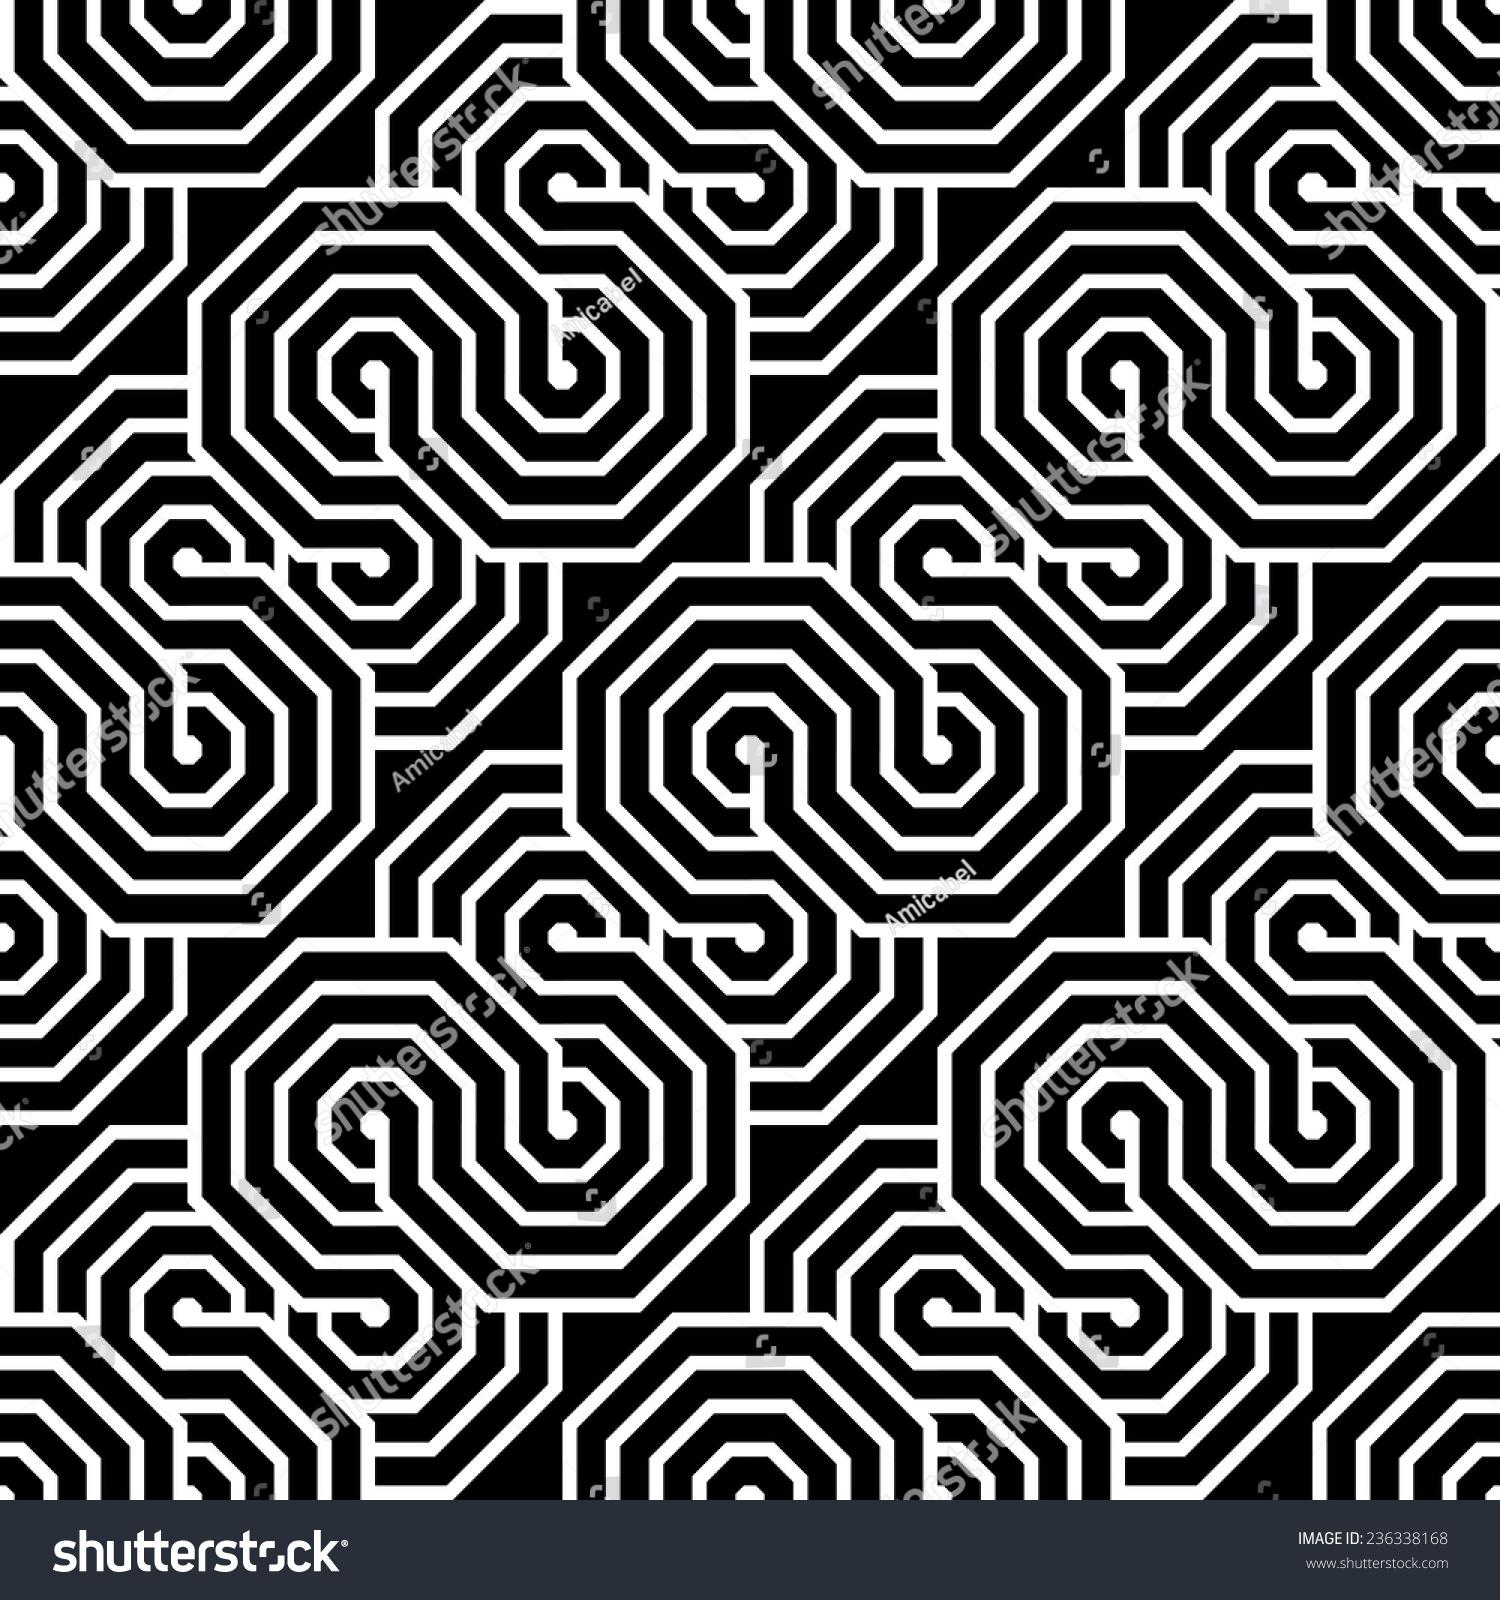 设计无缝单色锯齿形几何模式